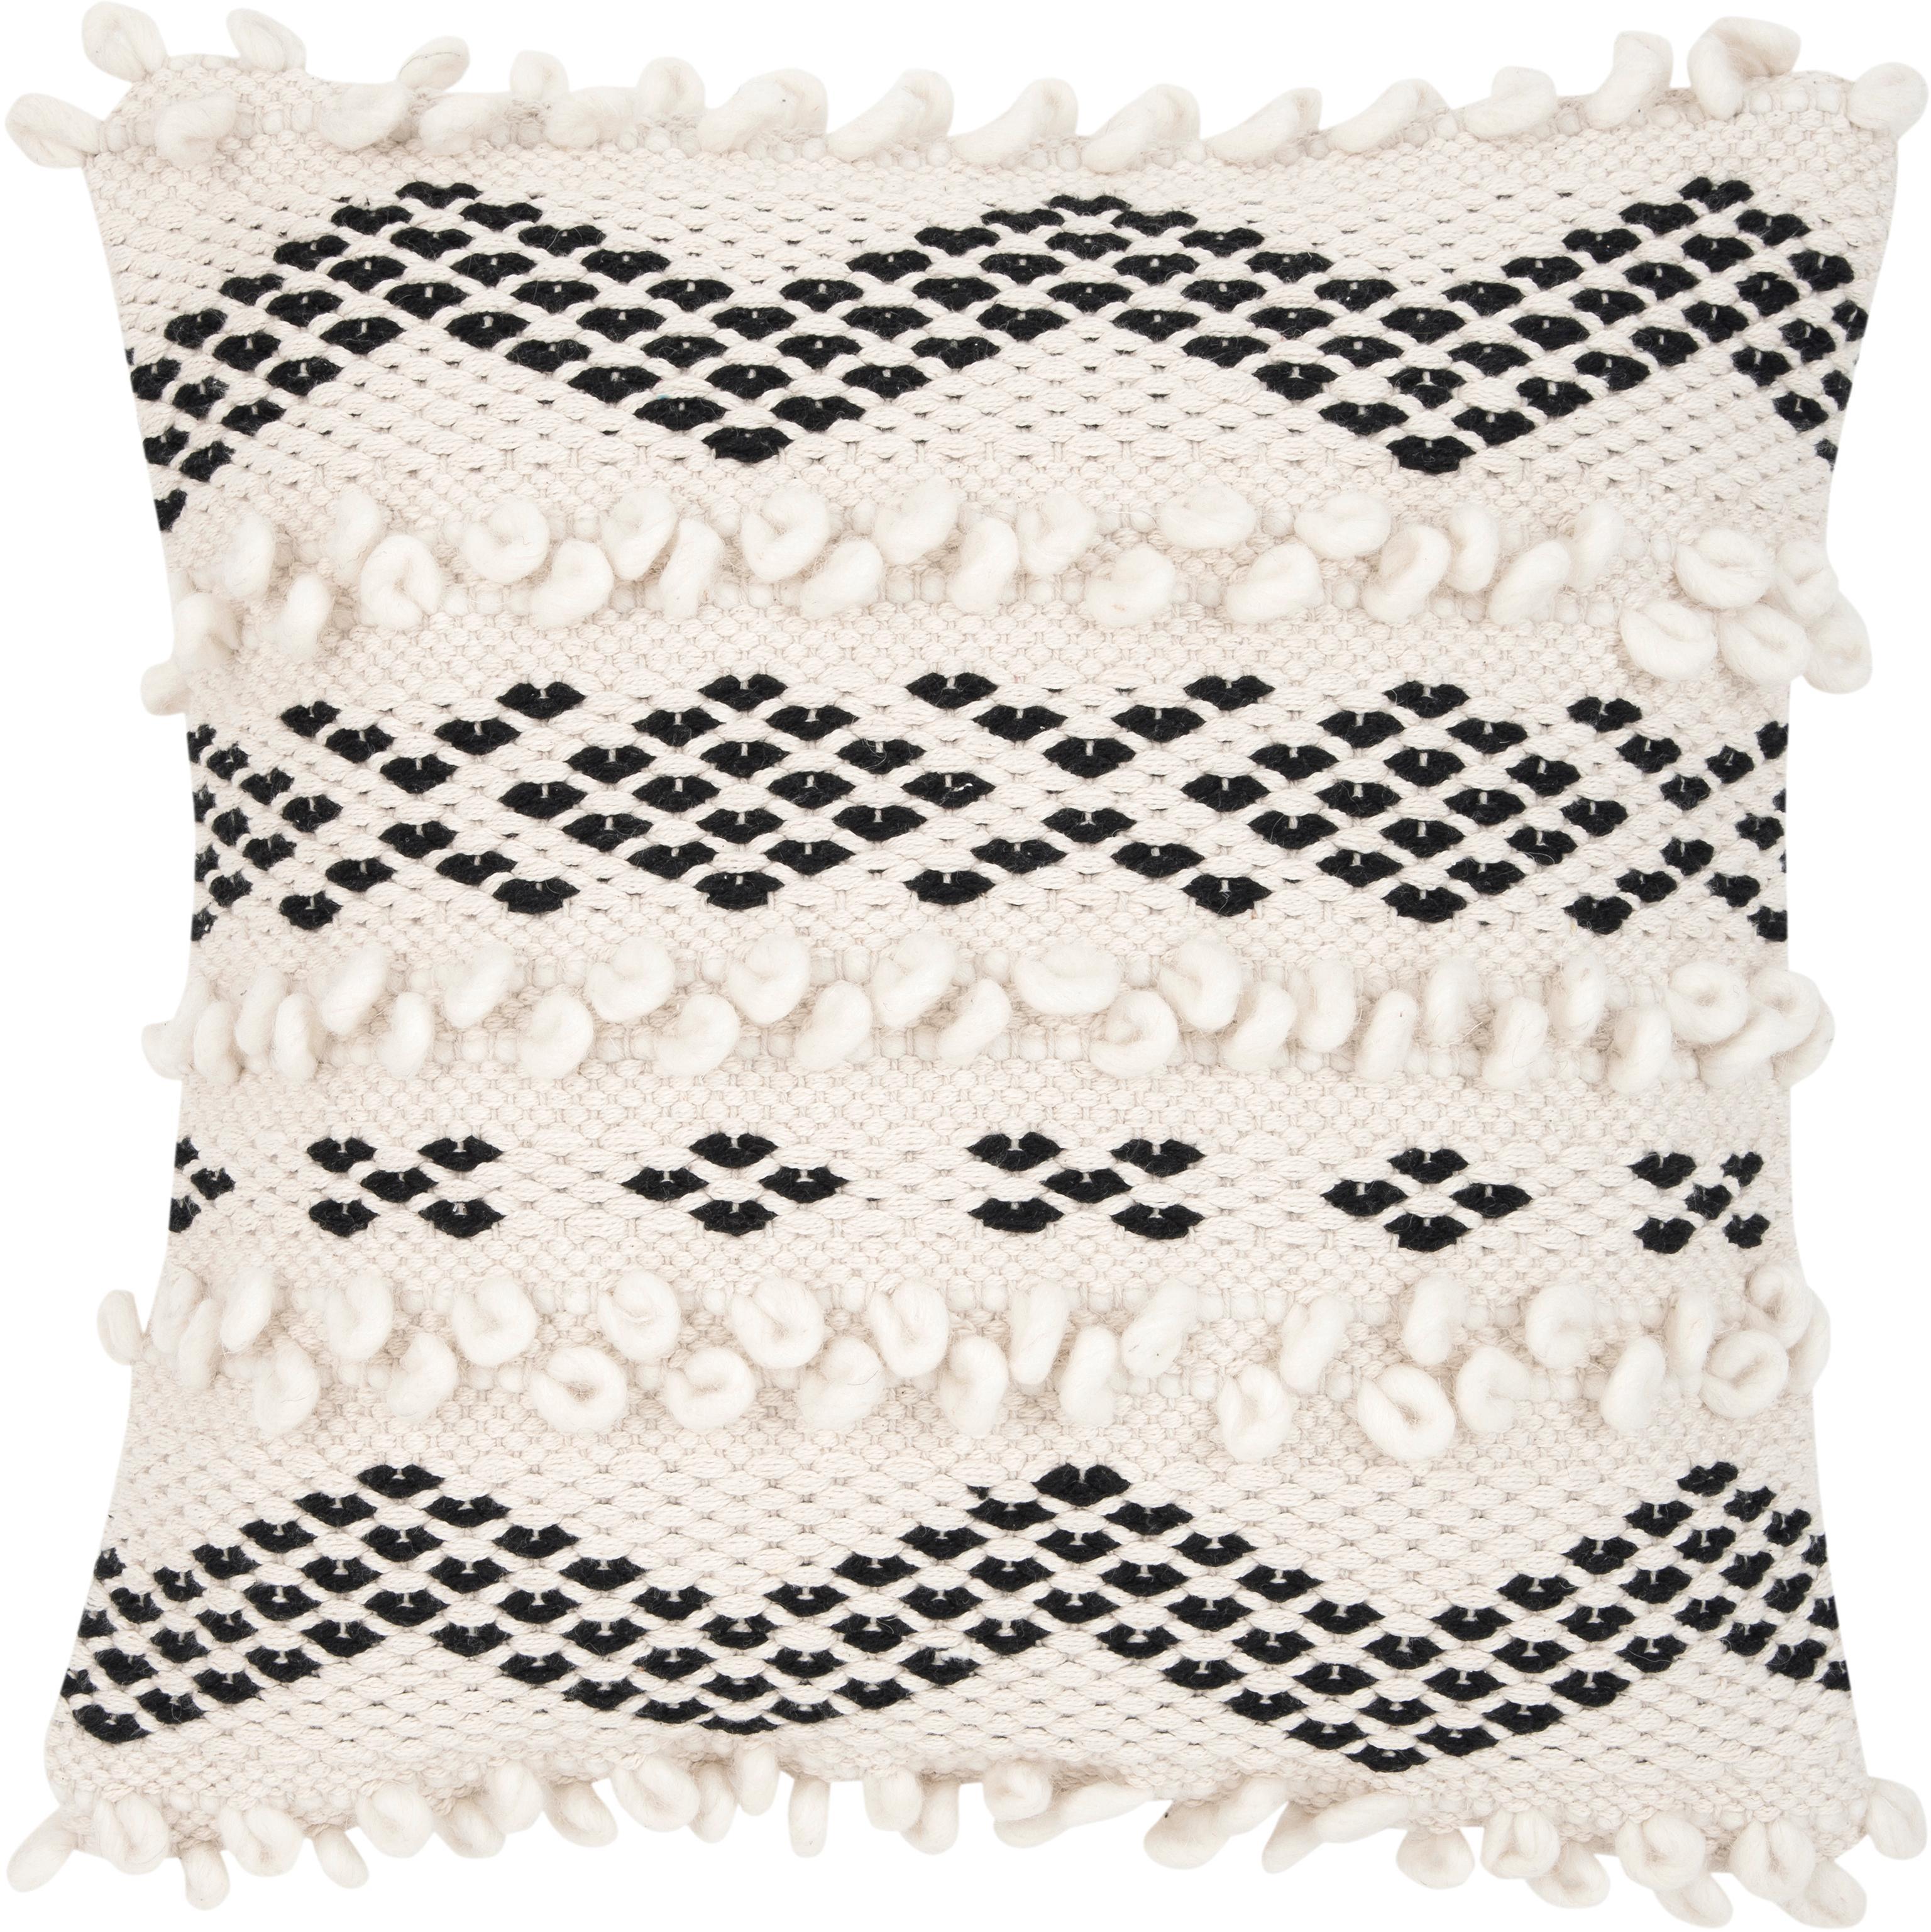 Poszewka na poduszkę boho Paco, 80% bawełna, 20% poliester, Ecru, czarny, S 45 x D 45 cm